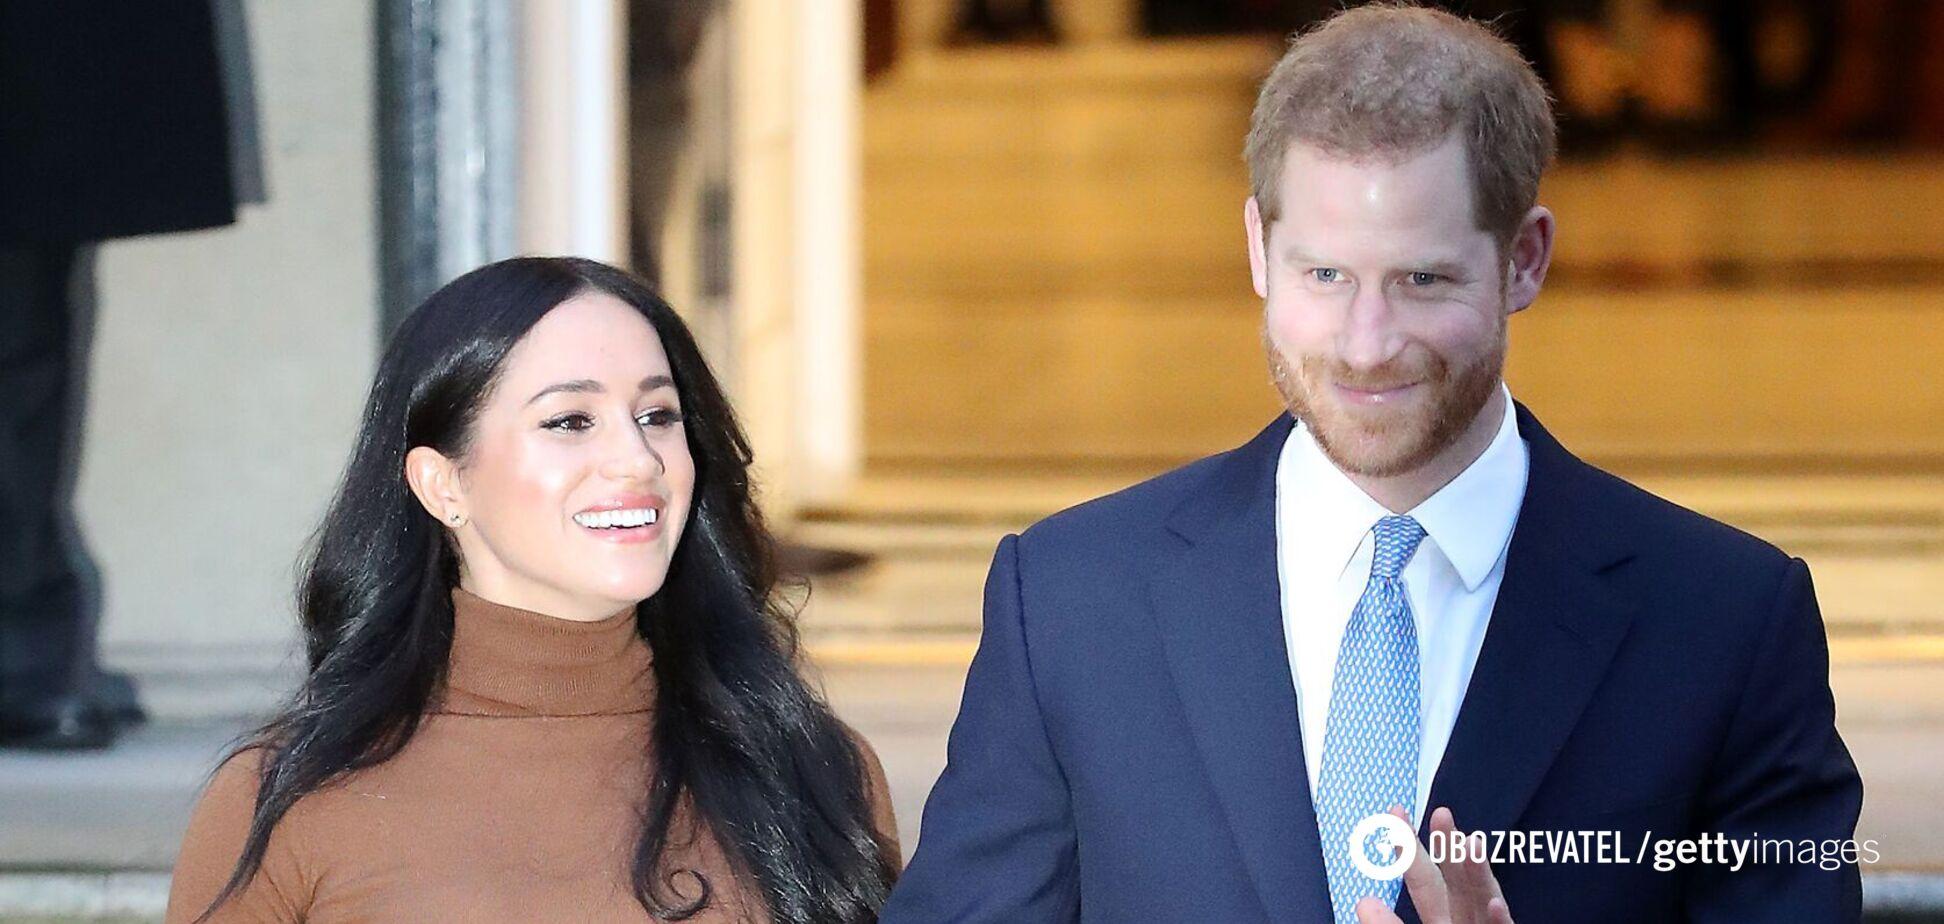 Дочь принца Гарри и Меган Маркл может официально претендовать на корону